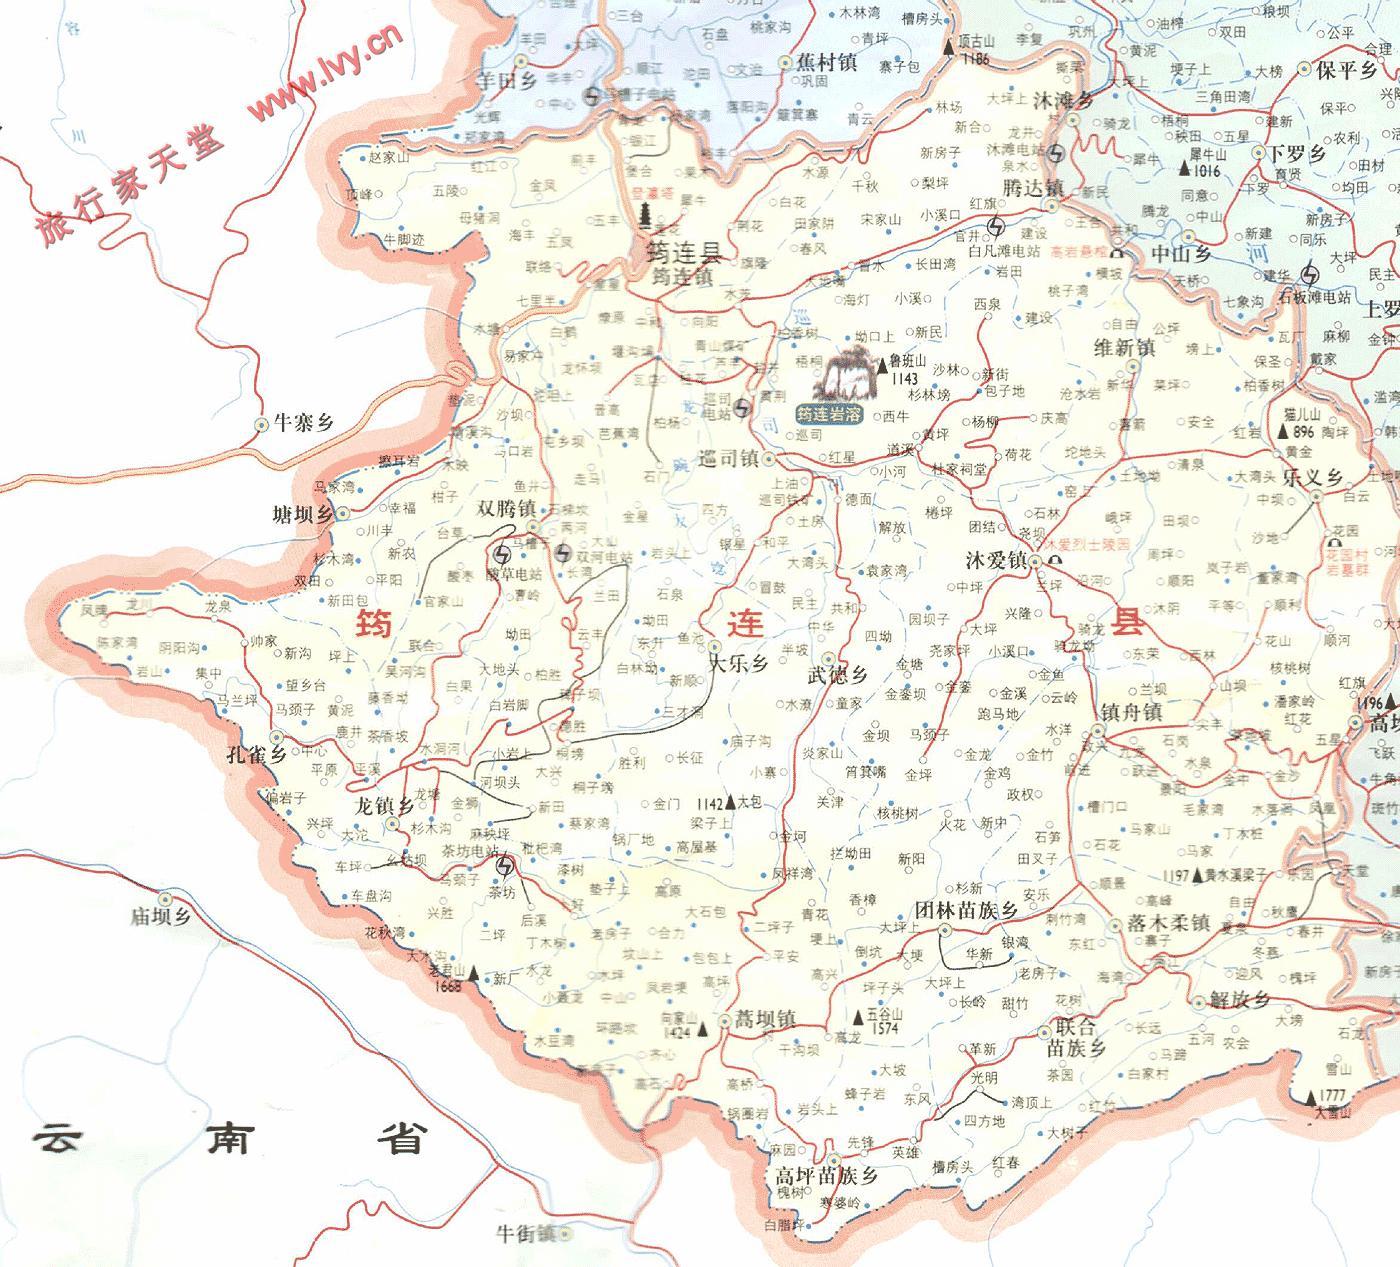 地图窝 中国 四川 宜宾  (长按地图可以放大,保存,分享)图片